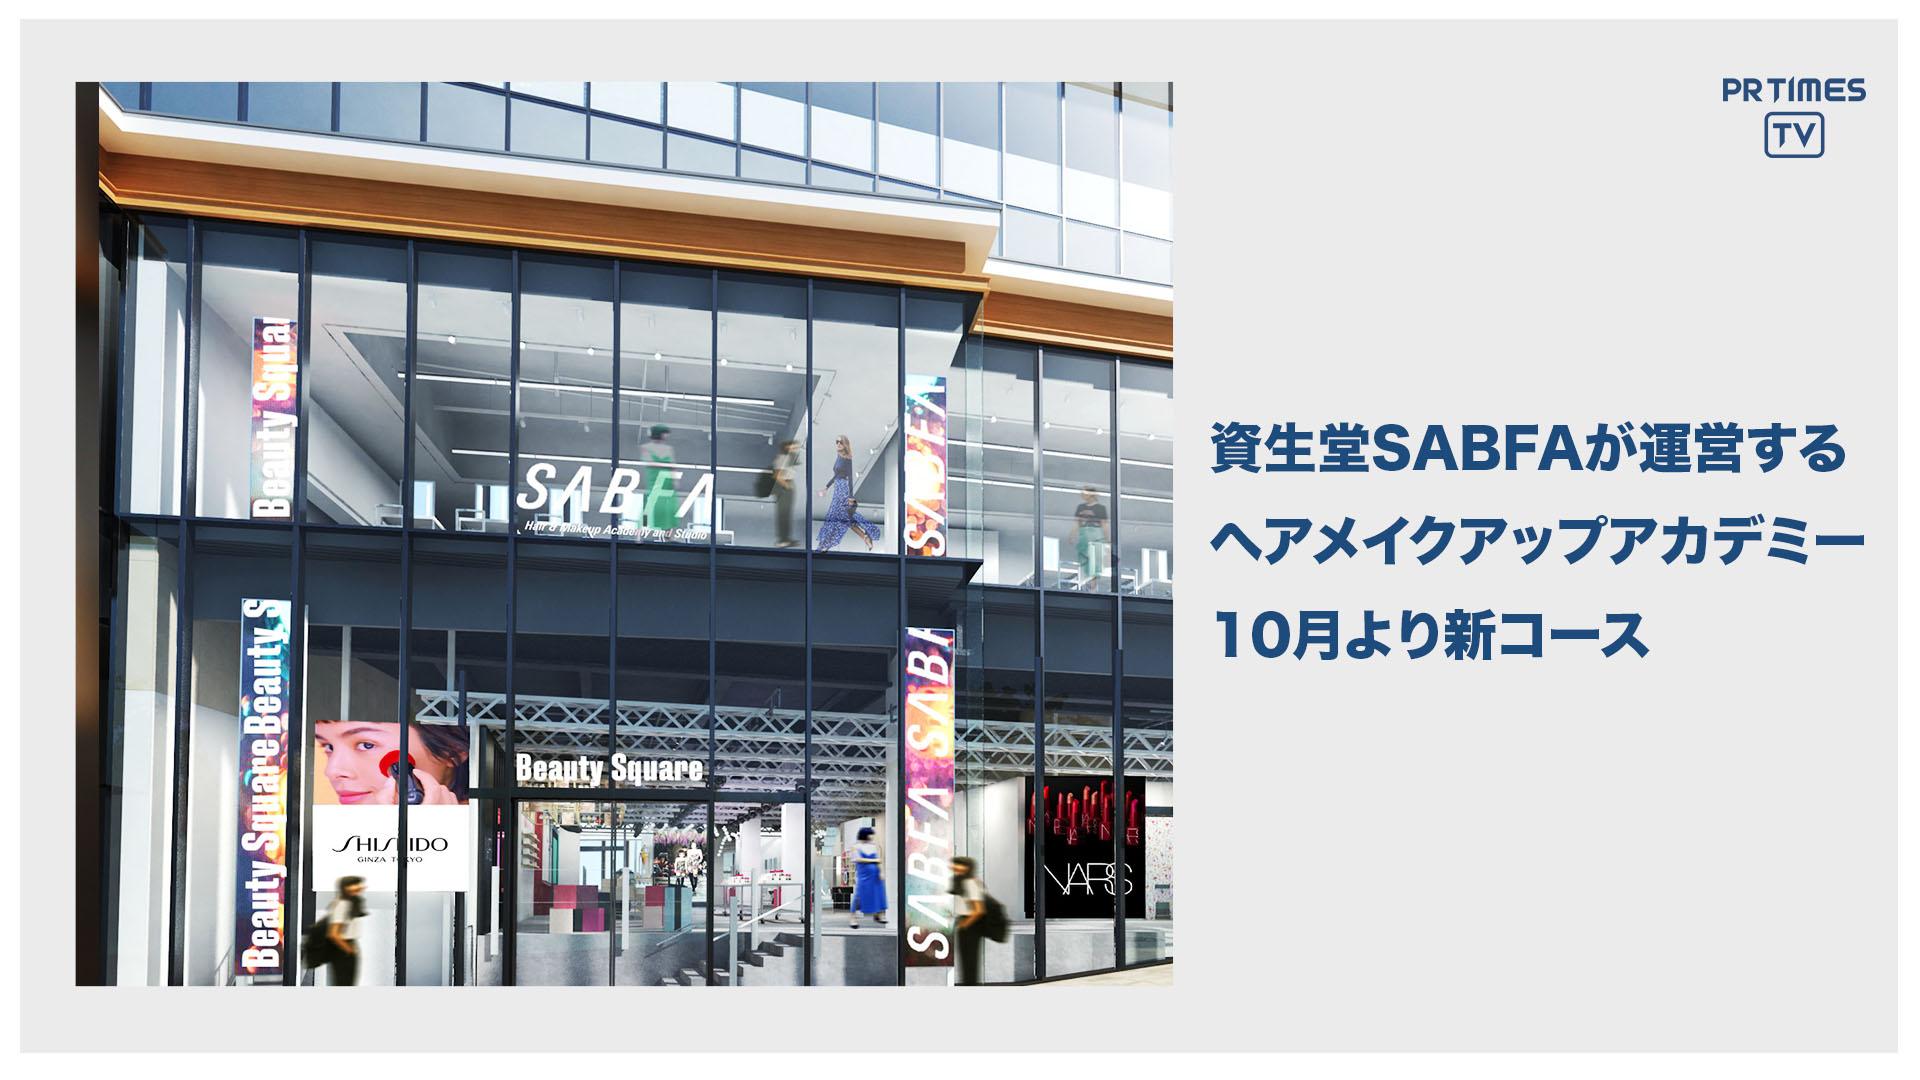 資生堂が運営するヘアメイクアップアカデミー&スタジオ「SABFA」がスクールカリキュラムを刷新 10月より新コースを順次開講 新たな校長に、計良 宏文が就任